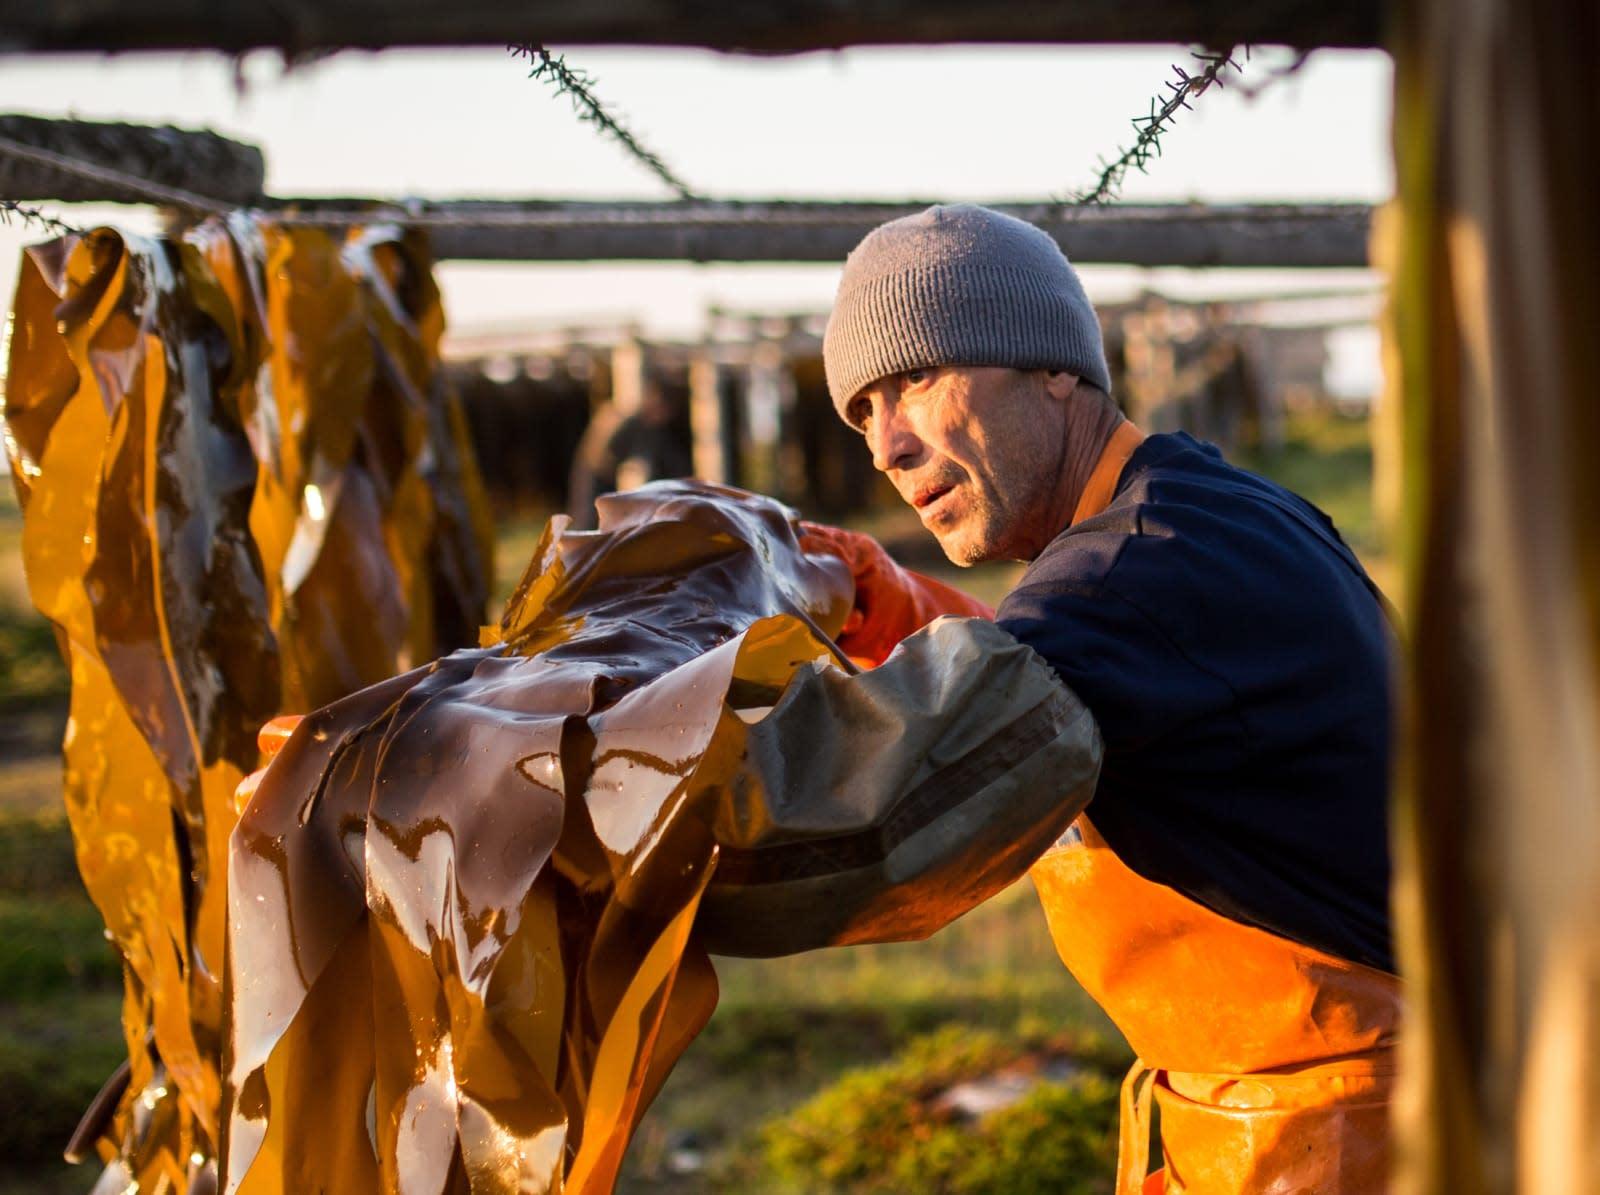 Harvesting kelp in Arkhangelsk Region, Russia